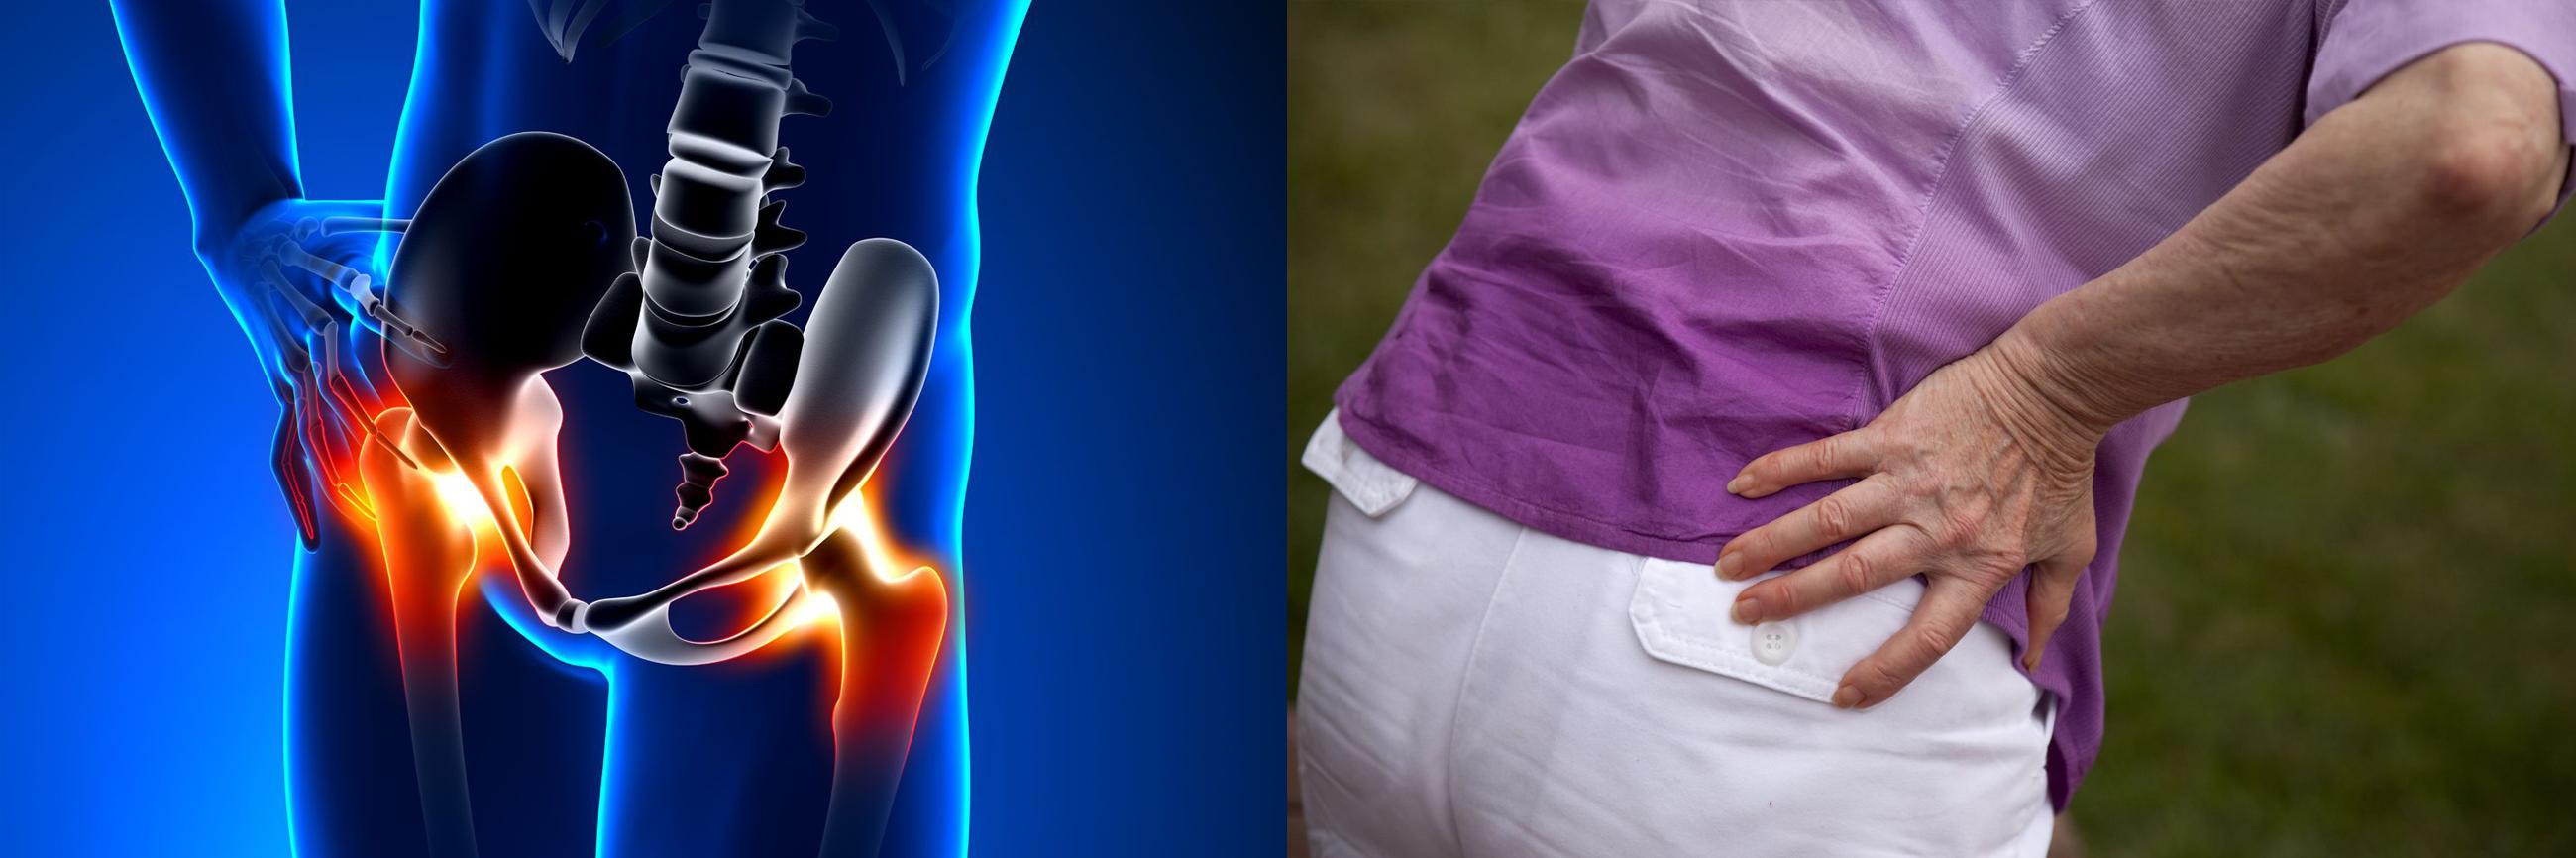 miért fáj a csípőízület császármetszés után